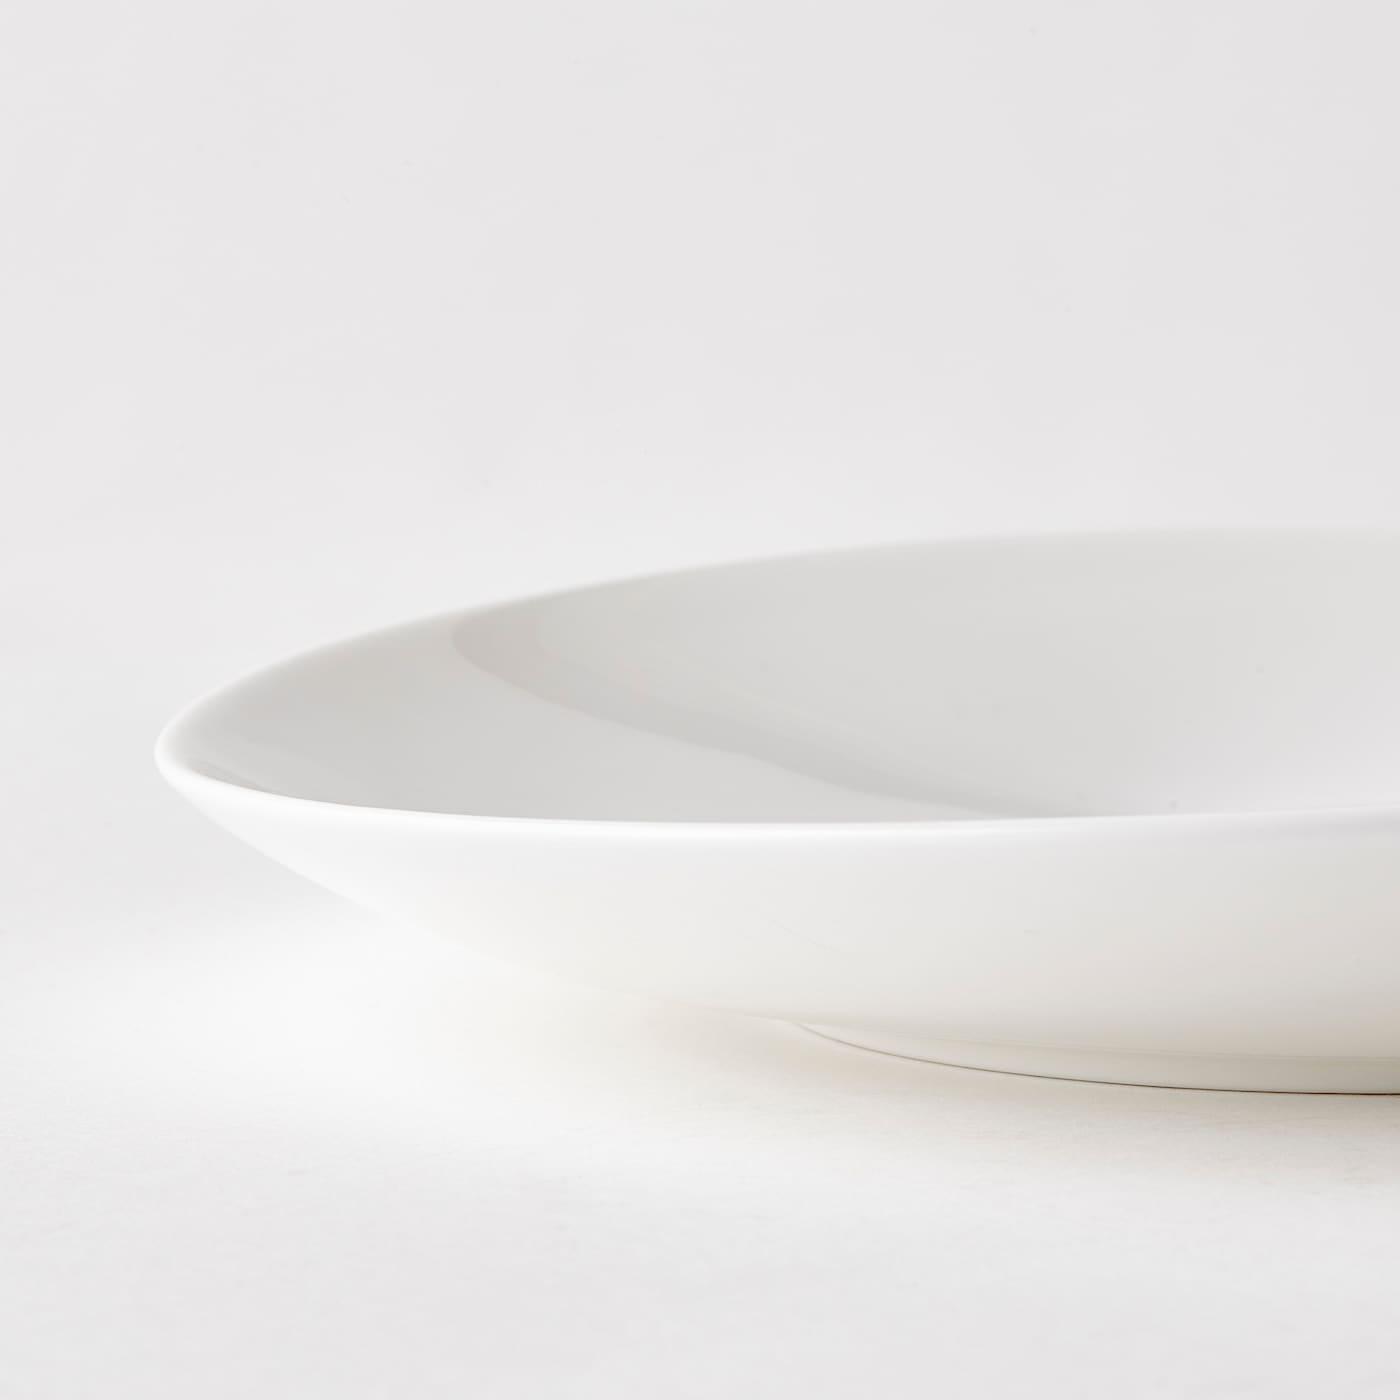 SKYN Talerzyk, biały, 22 cm